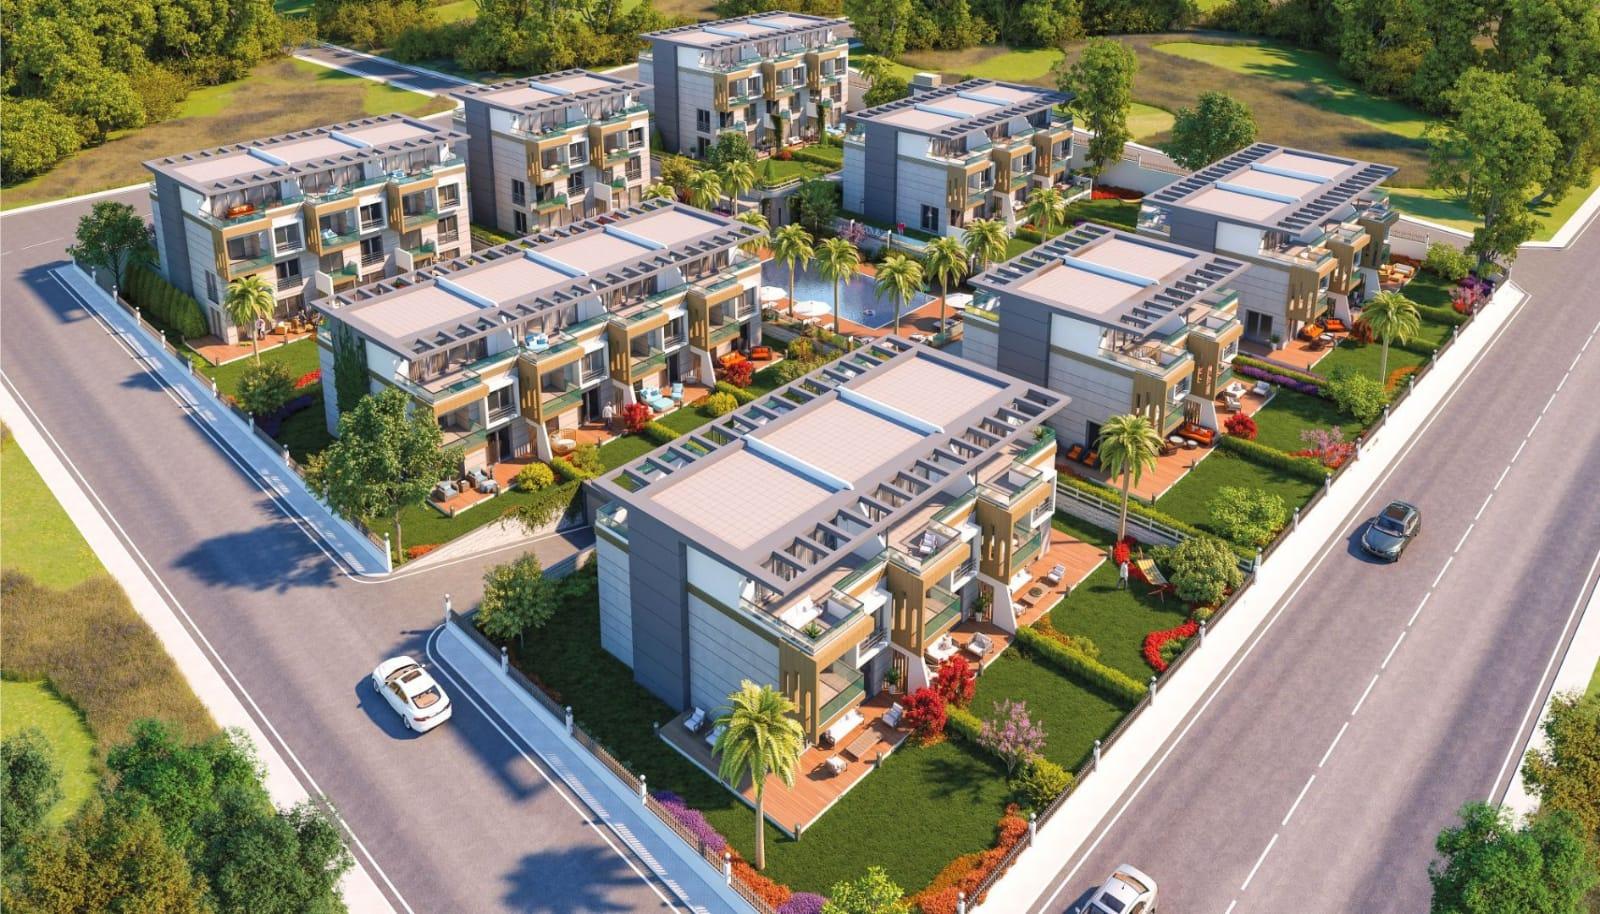 مشروع استثماري في بيوك تشكميجه…..اسطنبول     (  كود المشروع     IC 11  )